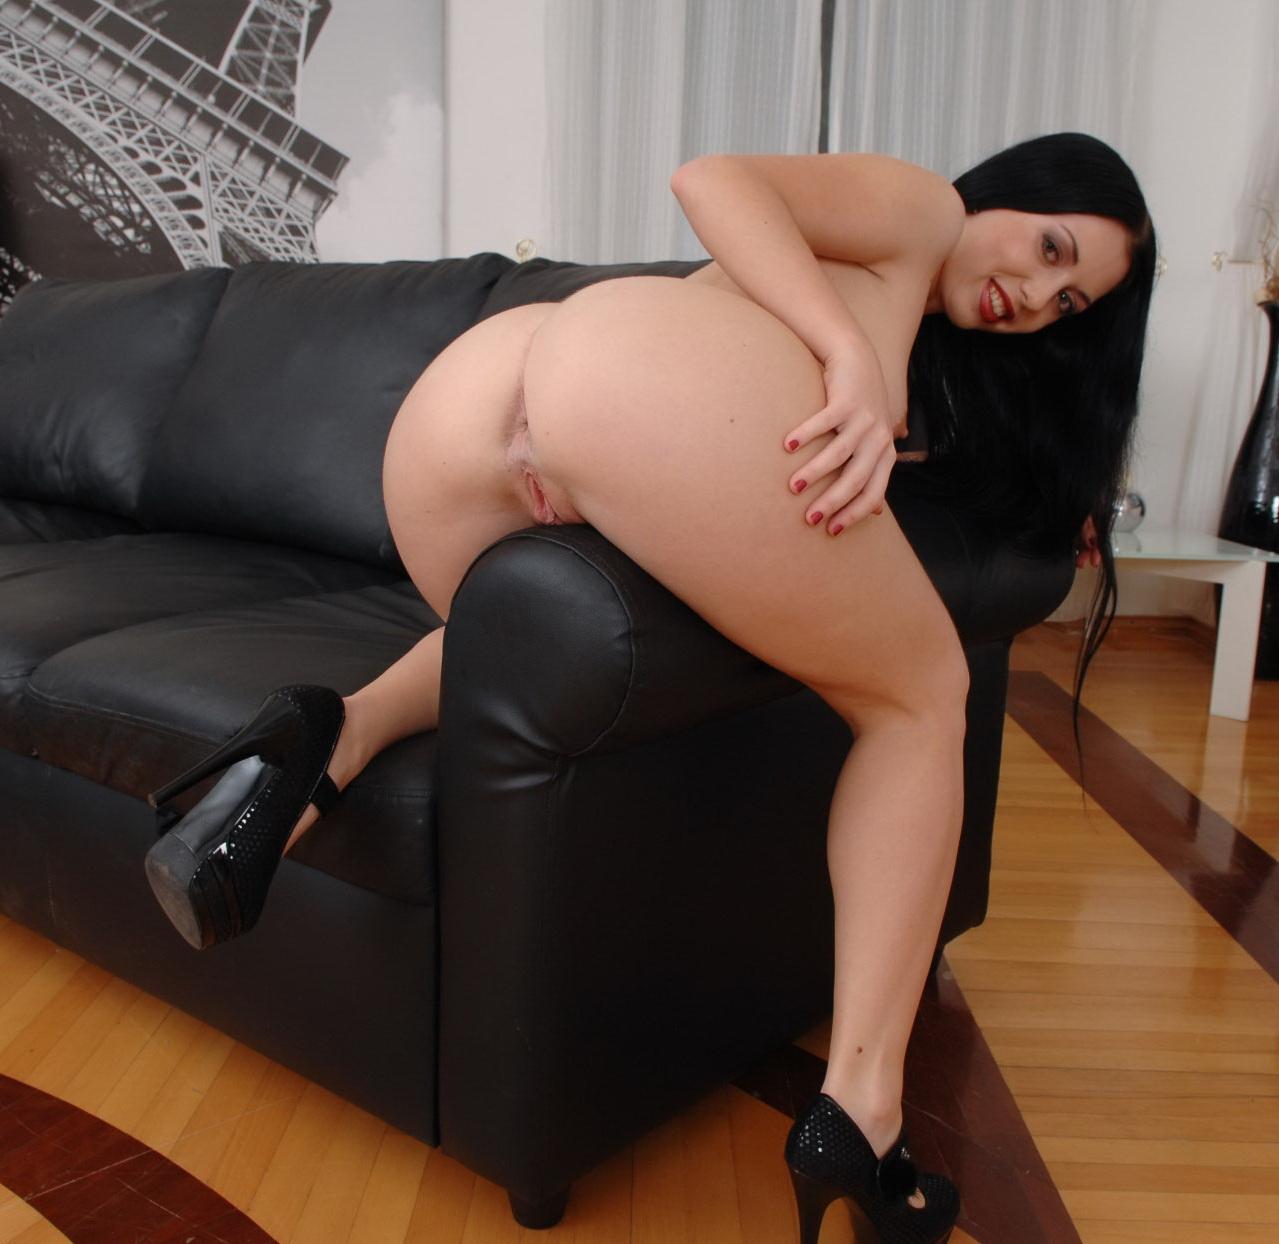 Проститутки петербурга негры 26 фотография